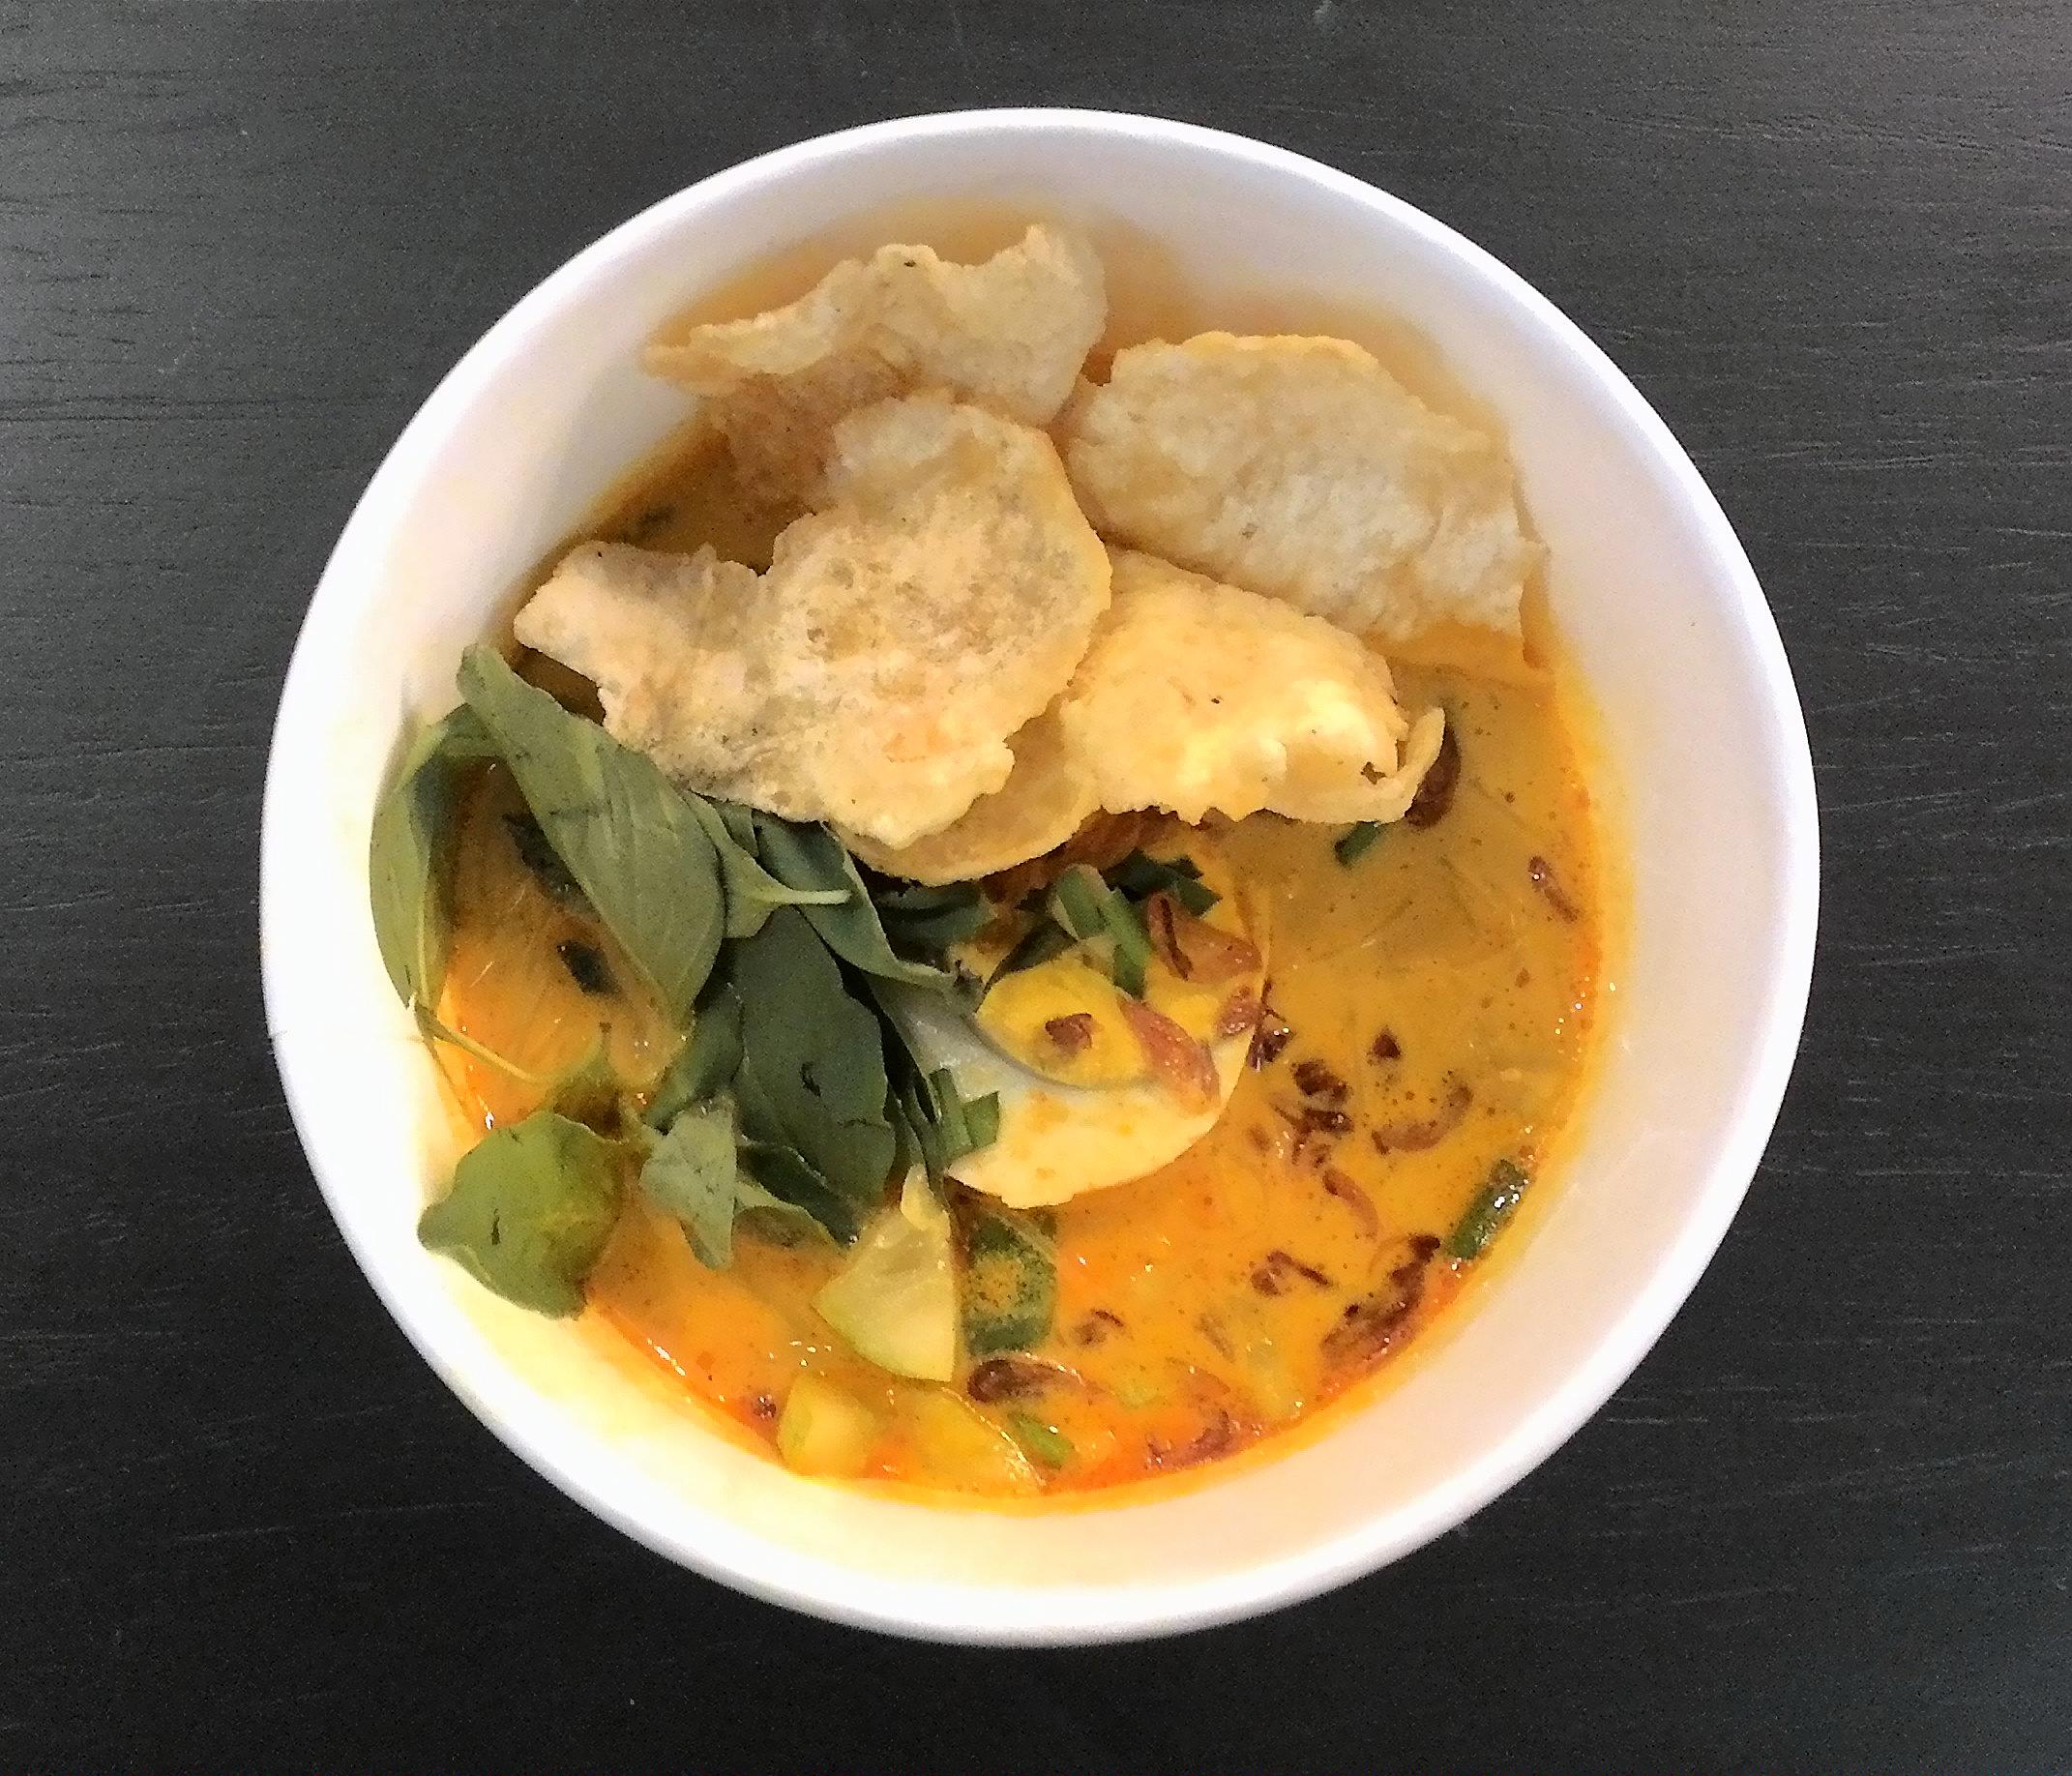 Laksa Wikipedia Kuliner Sambel Bawang Kering By Khohar Cianjur Bdg Betawi With Emping Melinjo Cracker